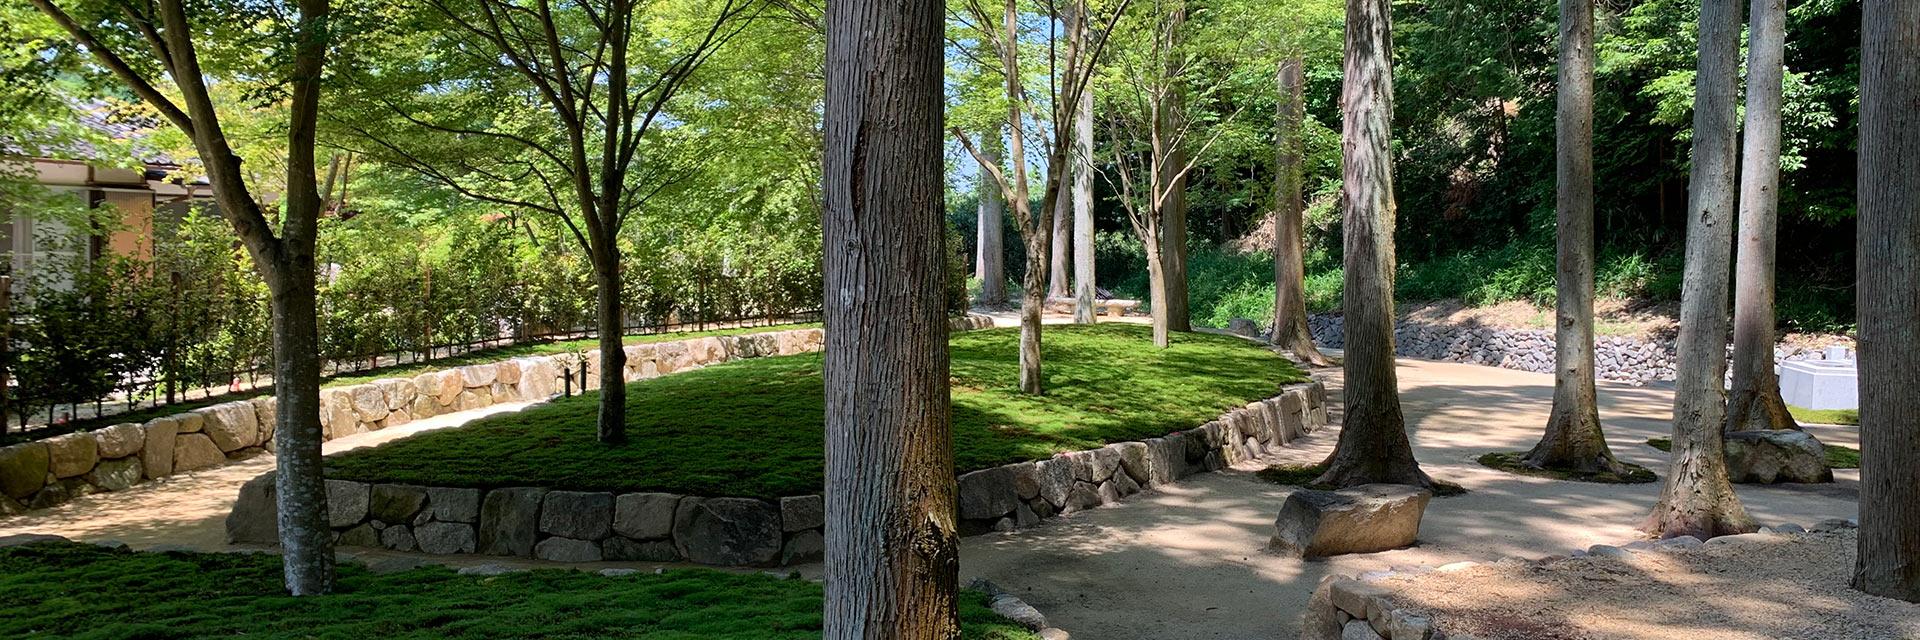 櫟野寺樹木葬墓苑の2つのゾーンの風景